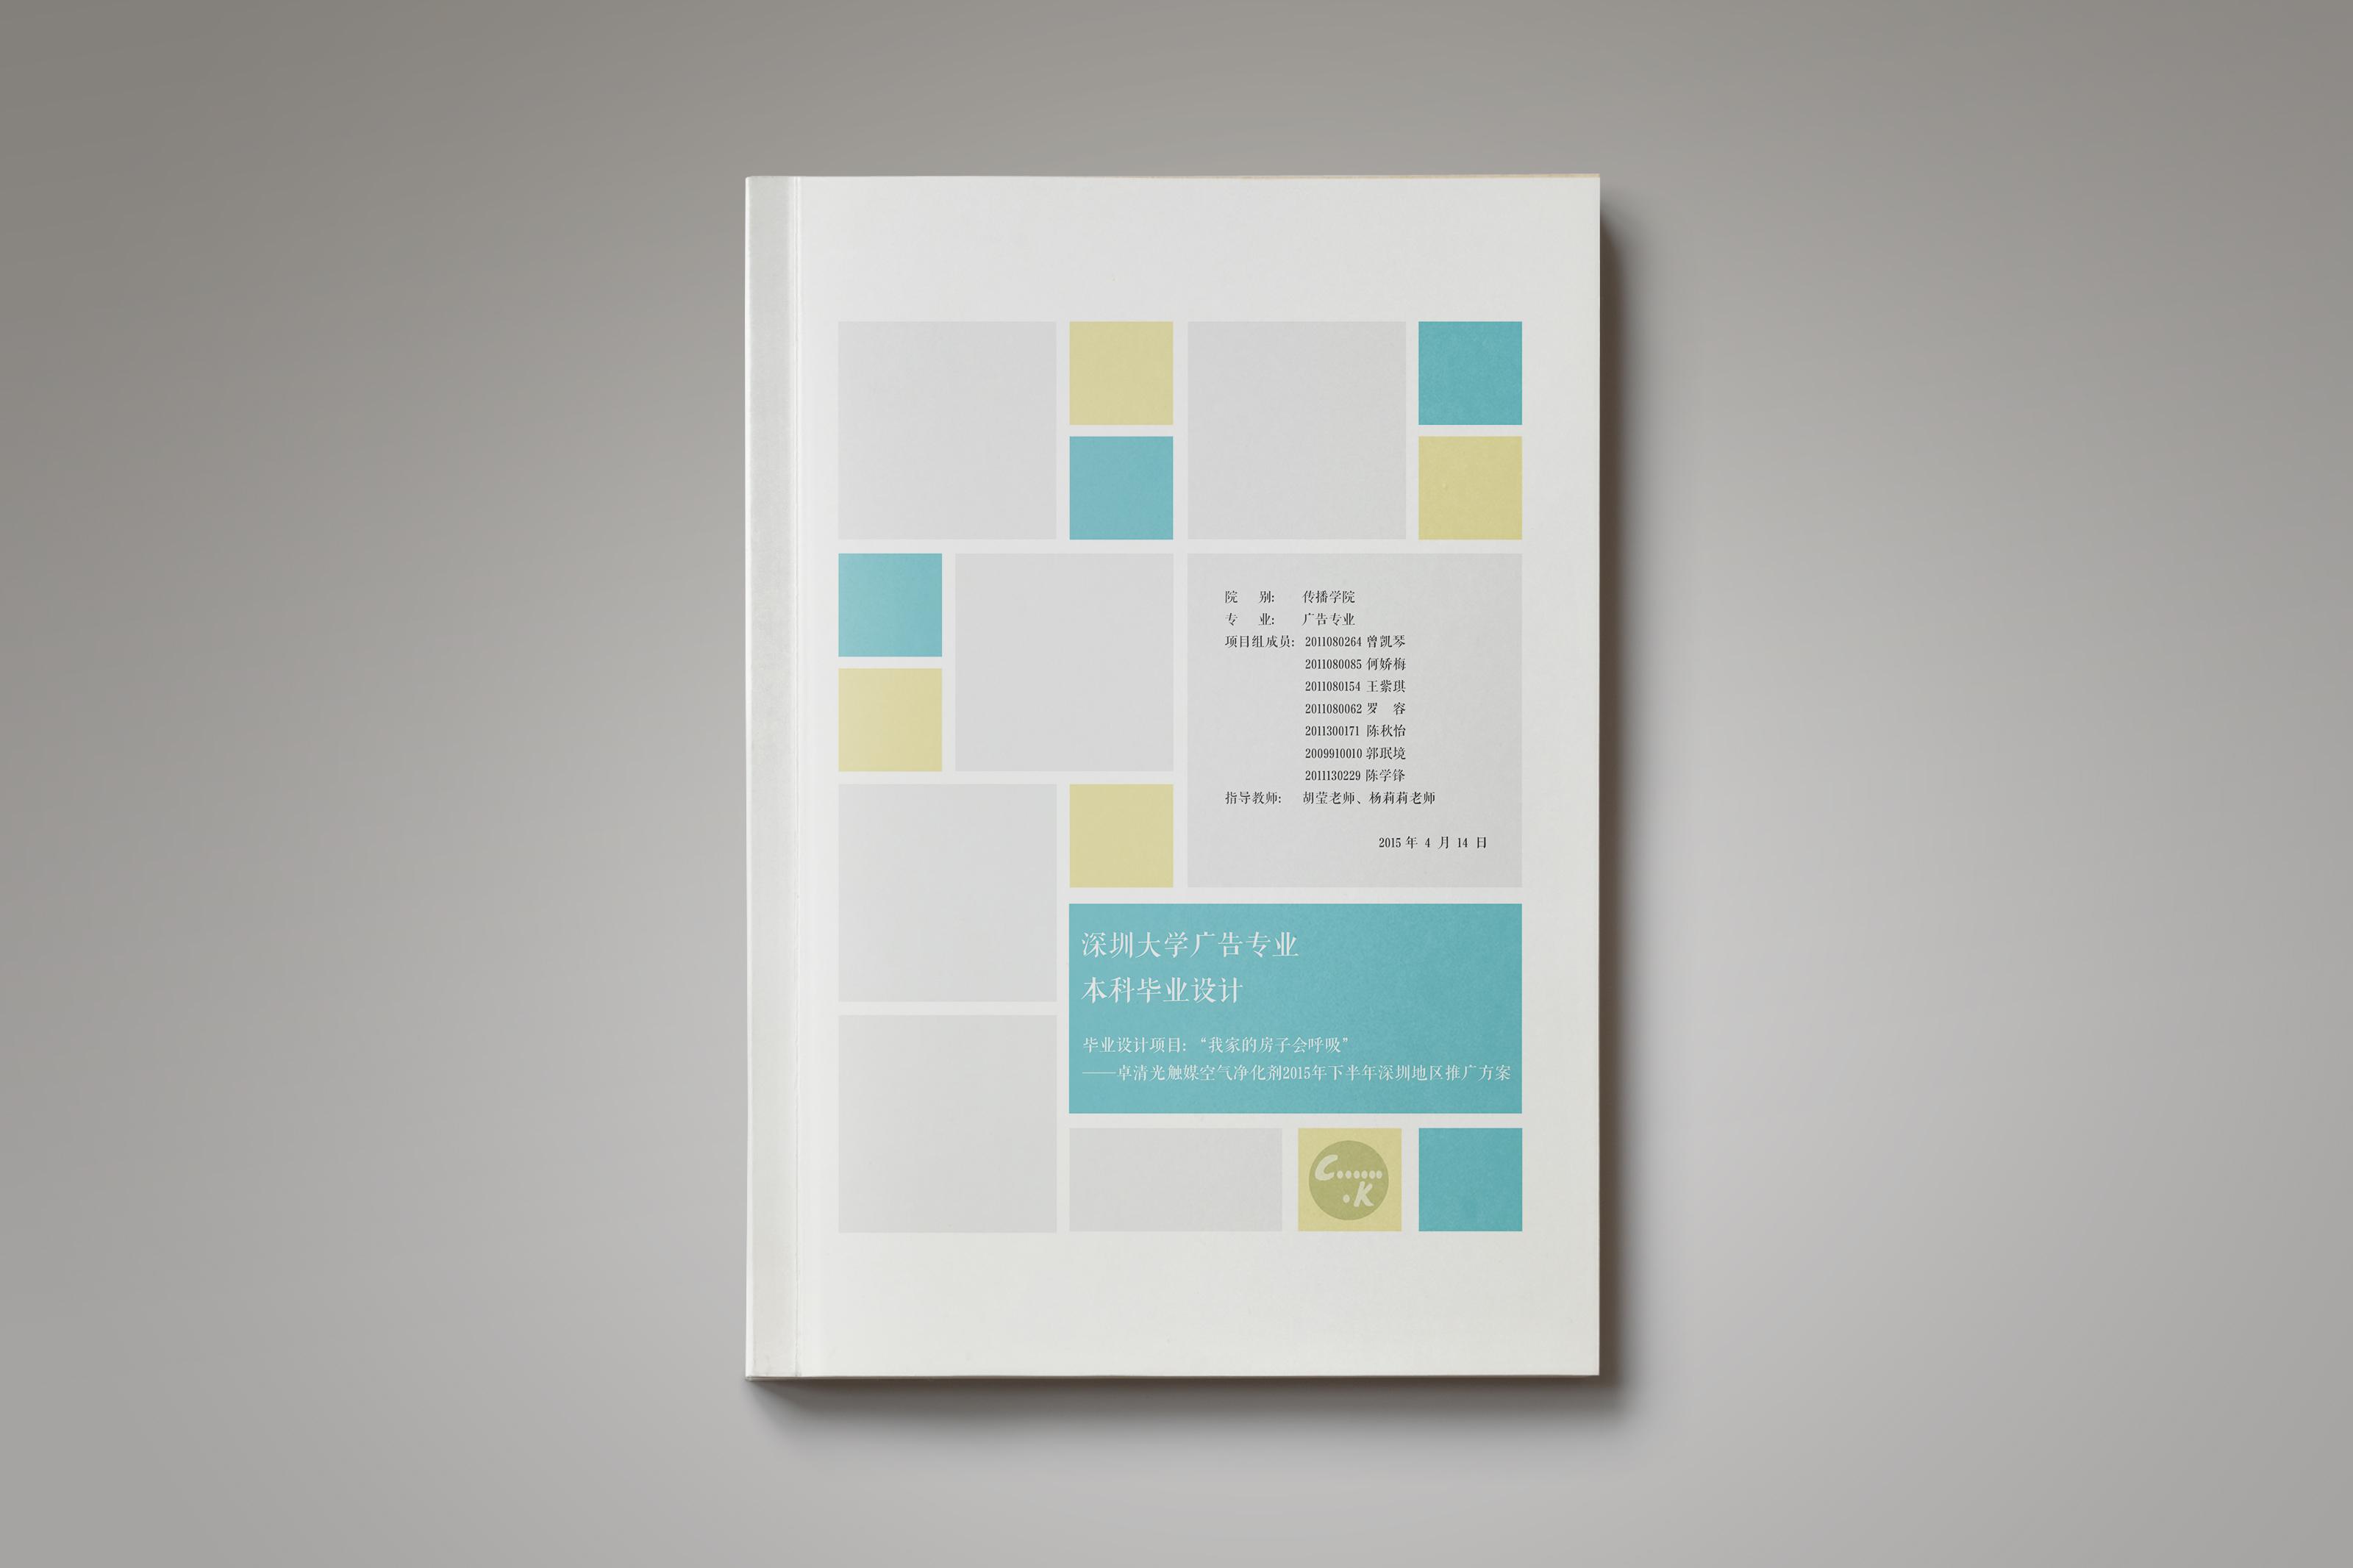 毕业设计ppt排版-文本书